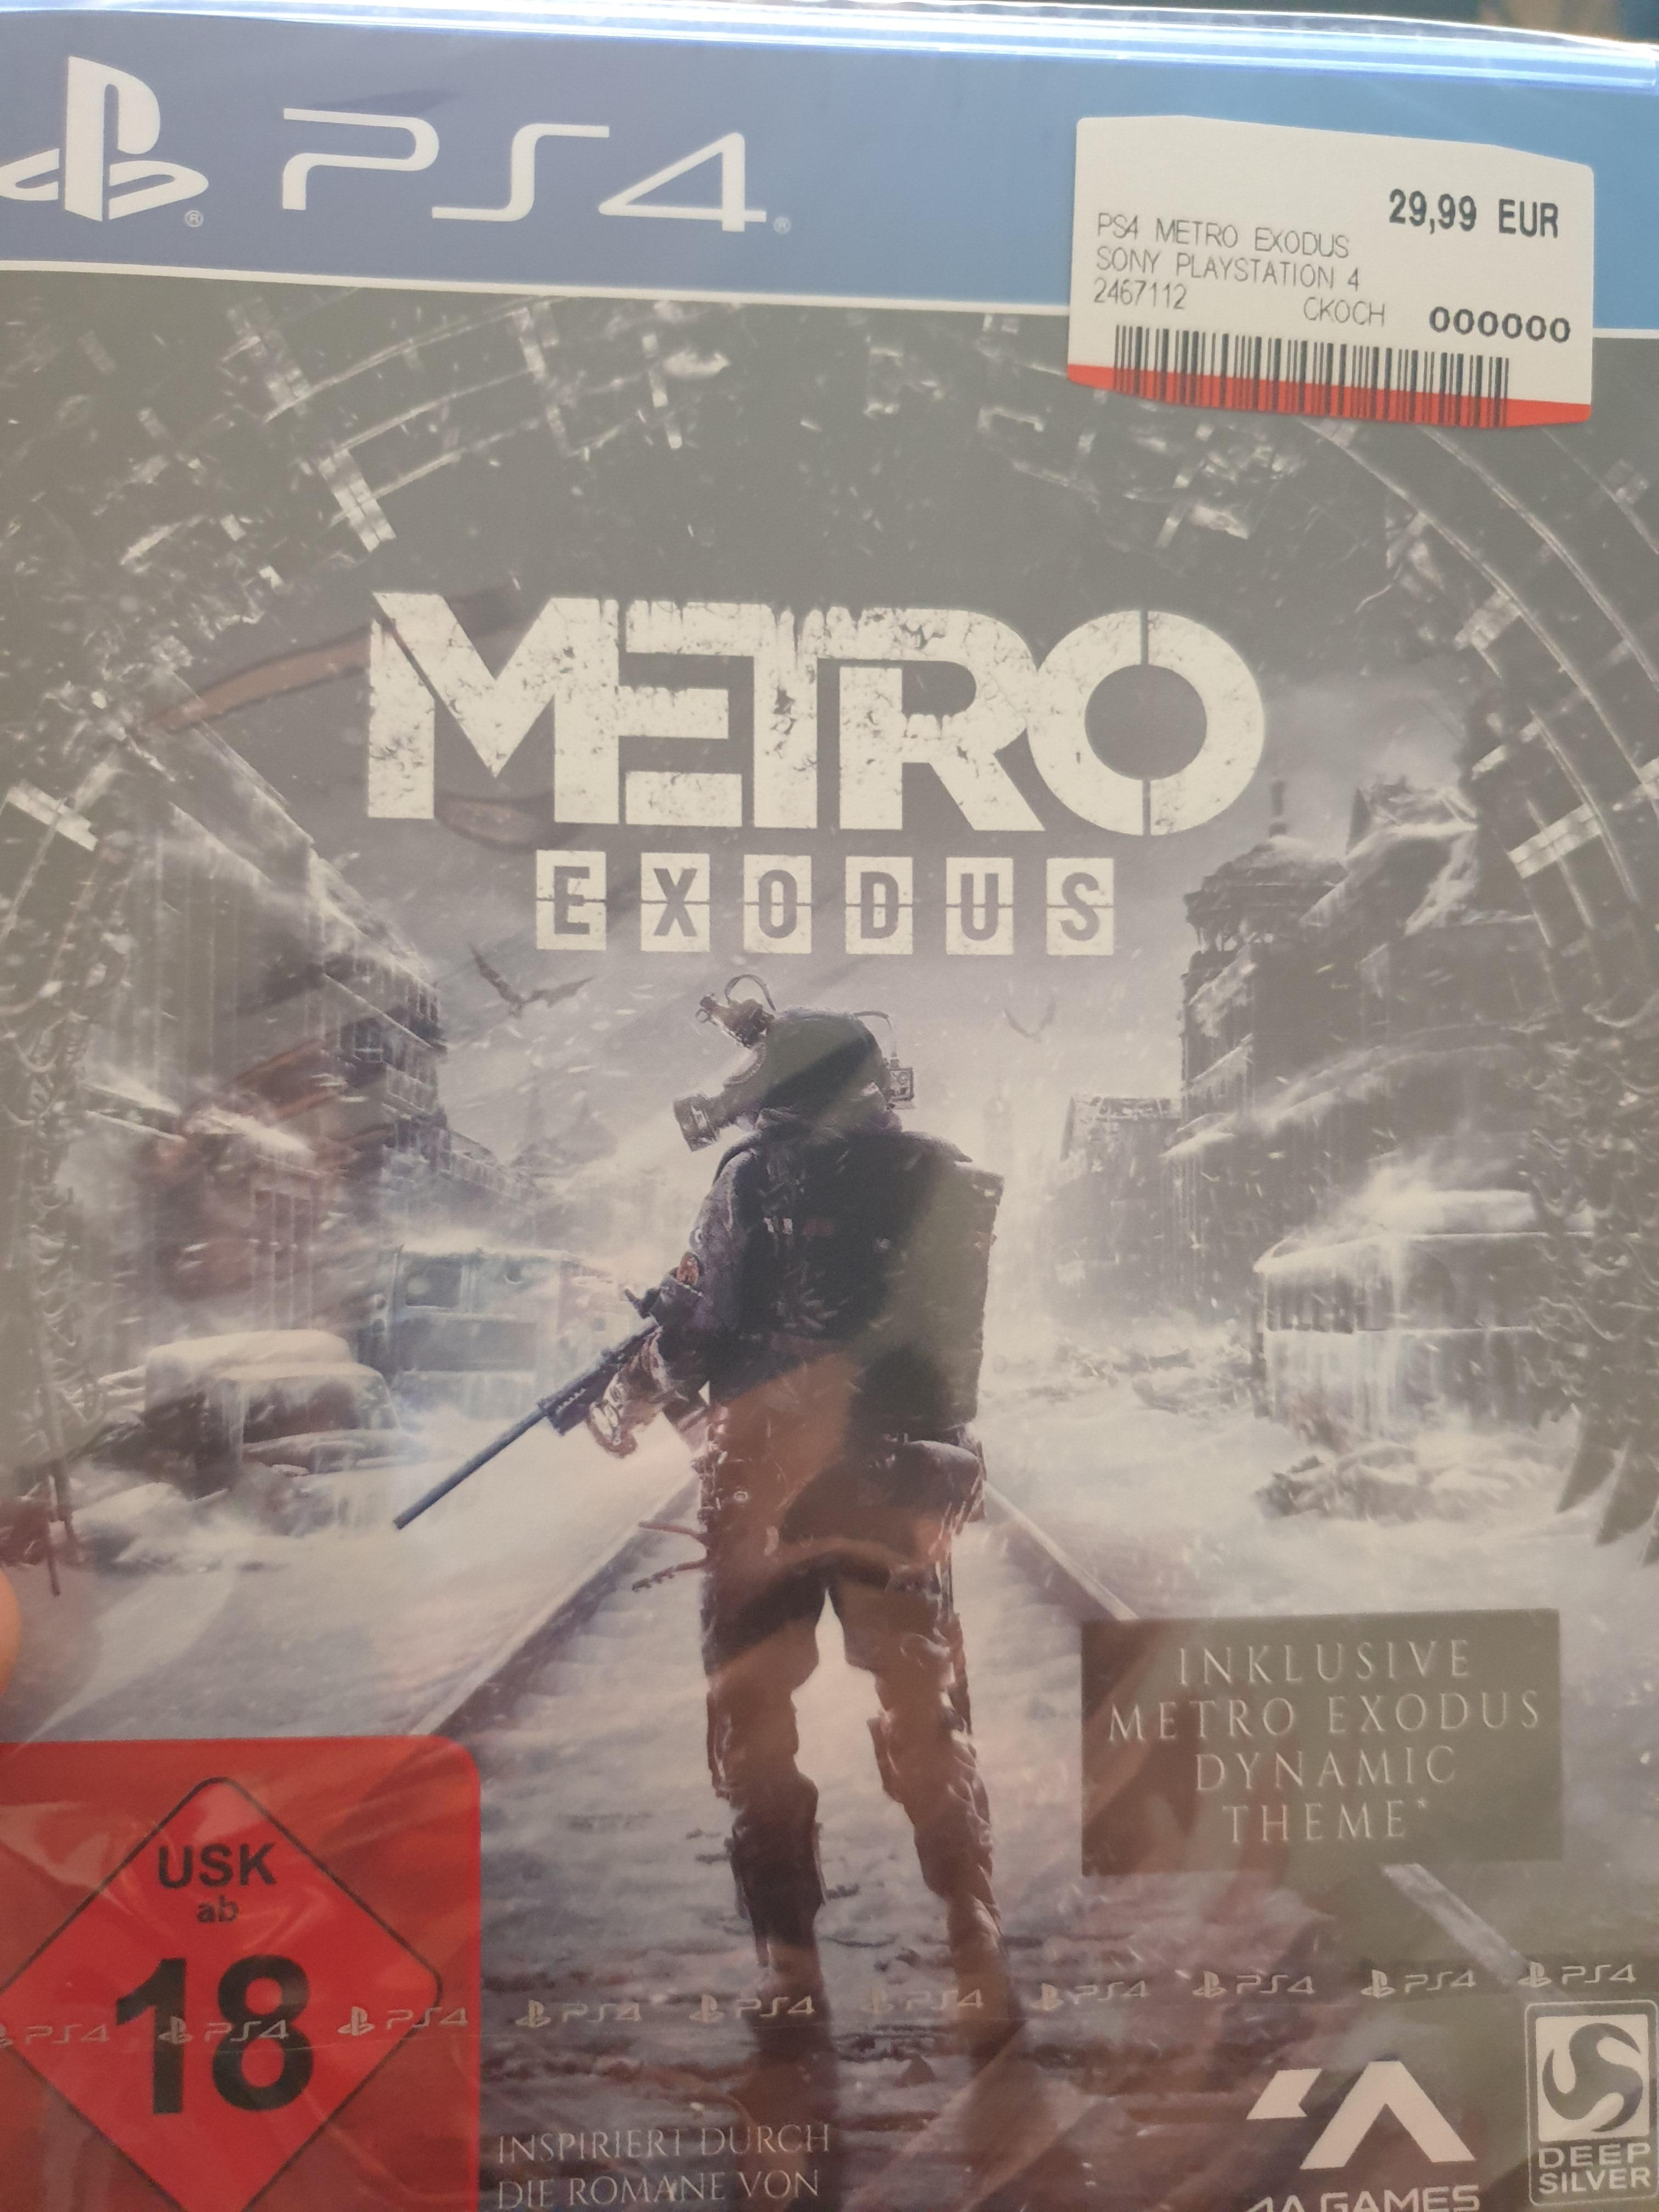 Metro Exodus PS4 für 29,99 und Strange Brigarde PS4 für 9,99 Euro beim Media Markt bzw Saturn nun auch Online